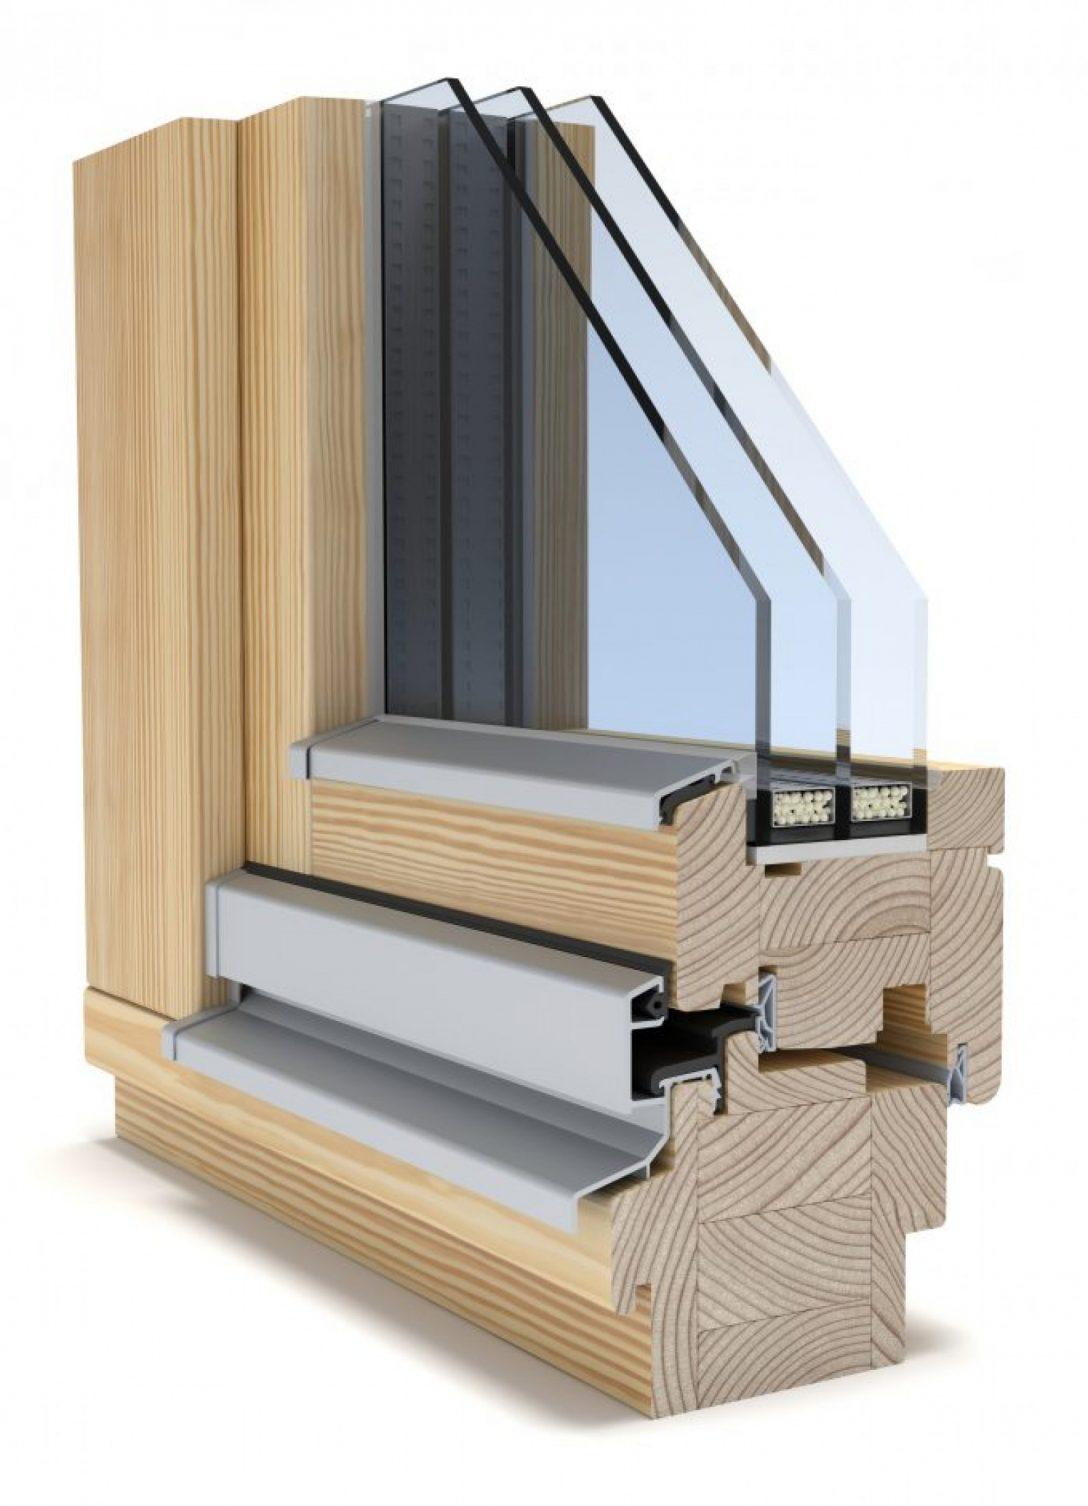 Large Size of Kbe Fenster Cdm Holzfenster Tren Direkt Sicherheitsfolie Test Veka Rolladen Nachträglich Einbauen Preise Marken Drutex Velux Jemako Landhaus Fliegengitter Fenster Kbe Fenster